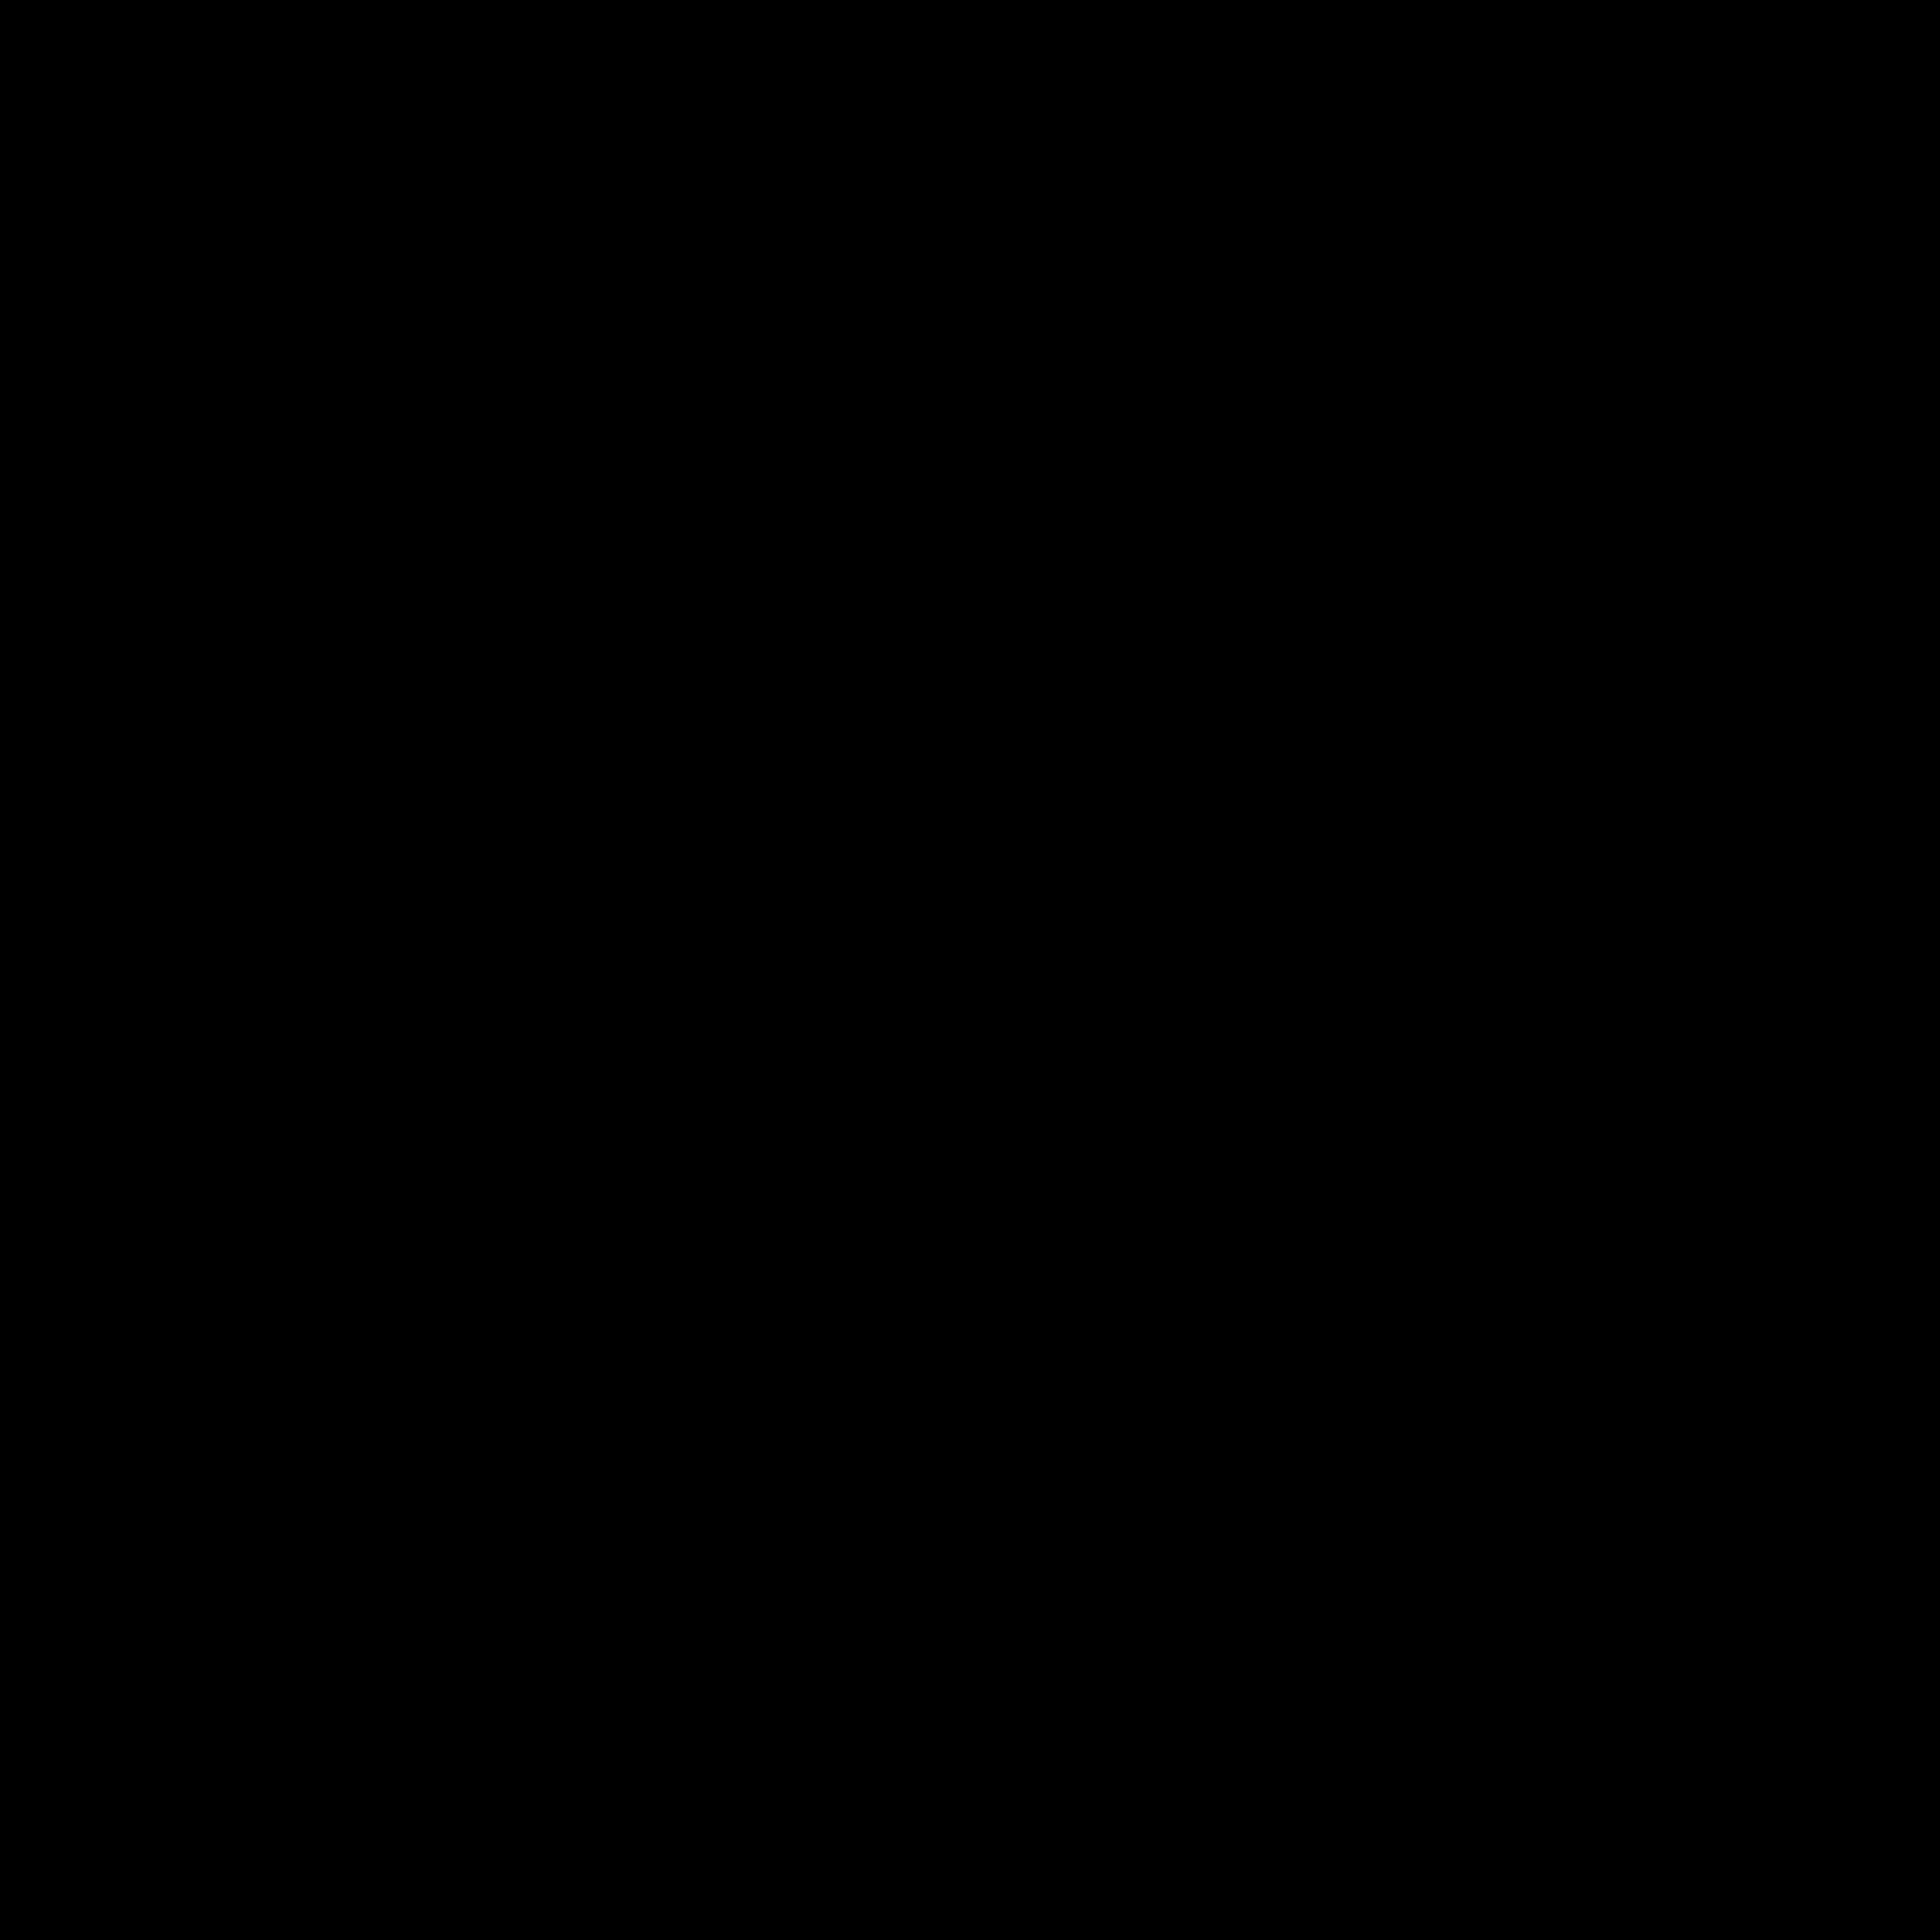 甘肃非遗喇嘛崖鸭头绿孤品老坑洮砚实用砚台随形端歙洮河砚